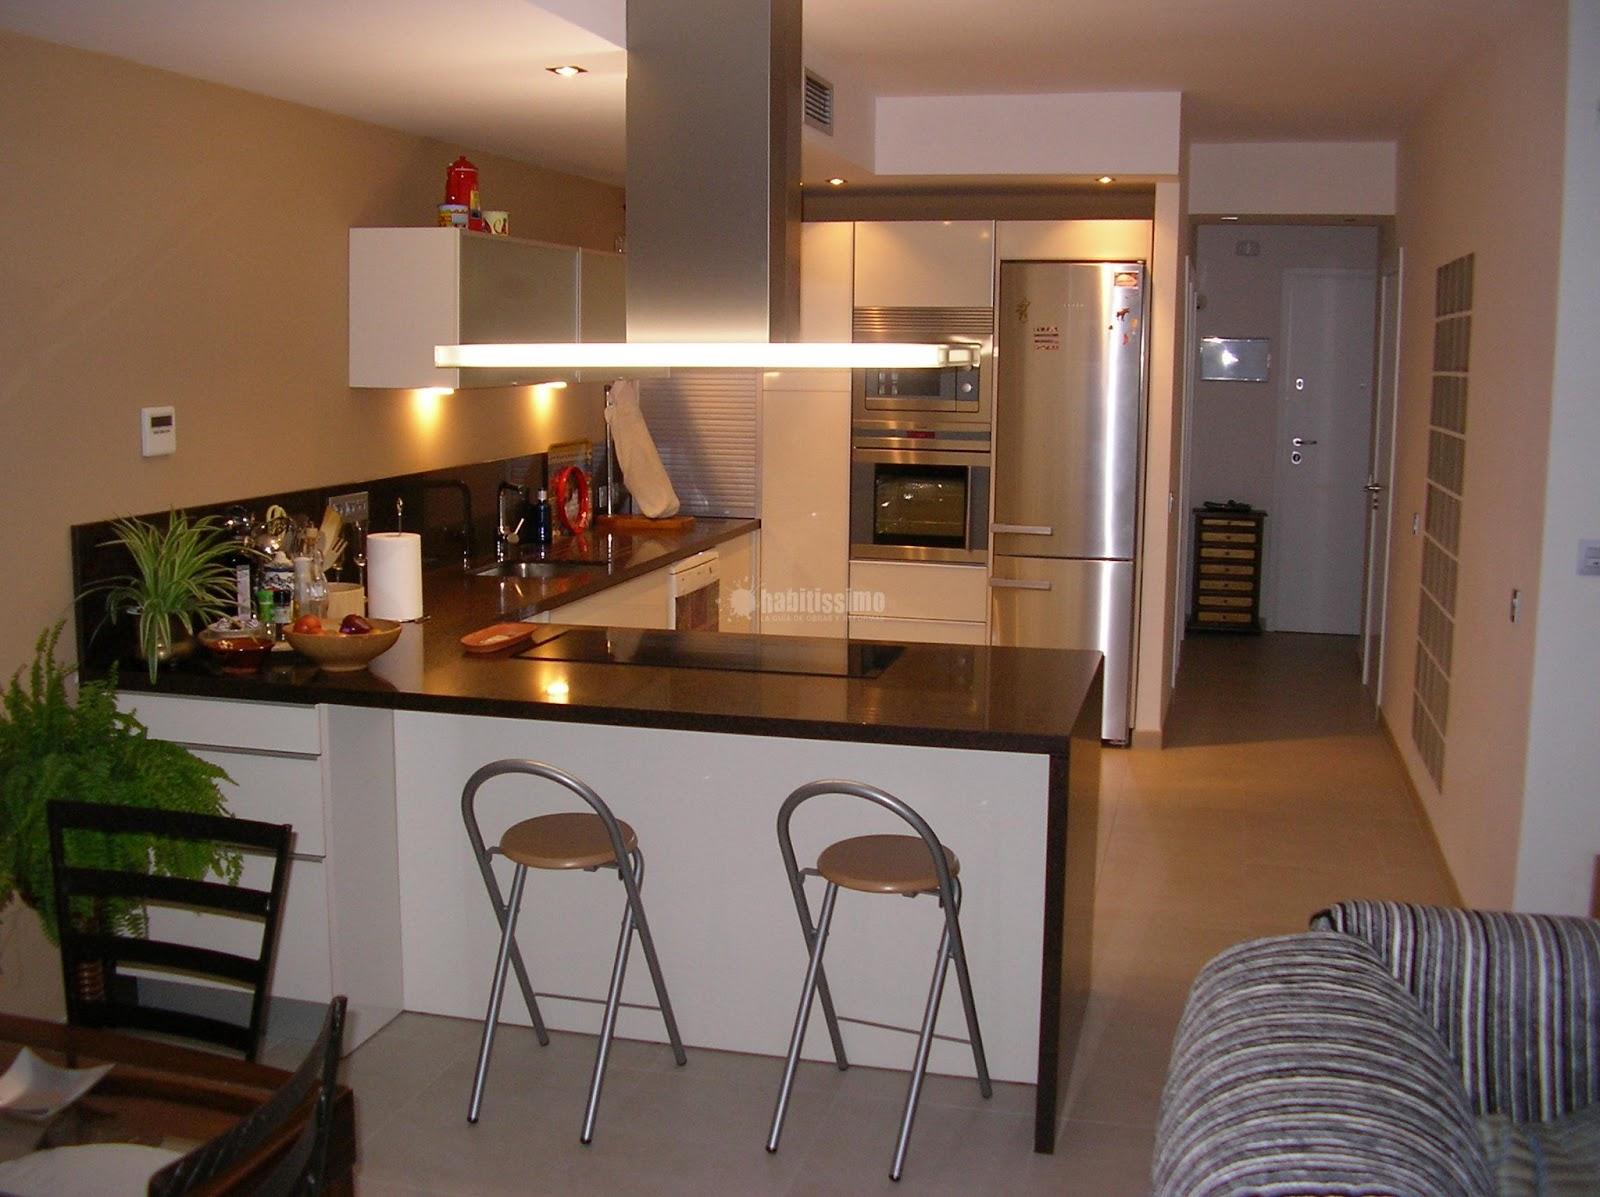 decorando dormitorios dise o de cocina abierta al comedor